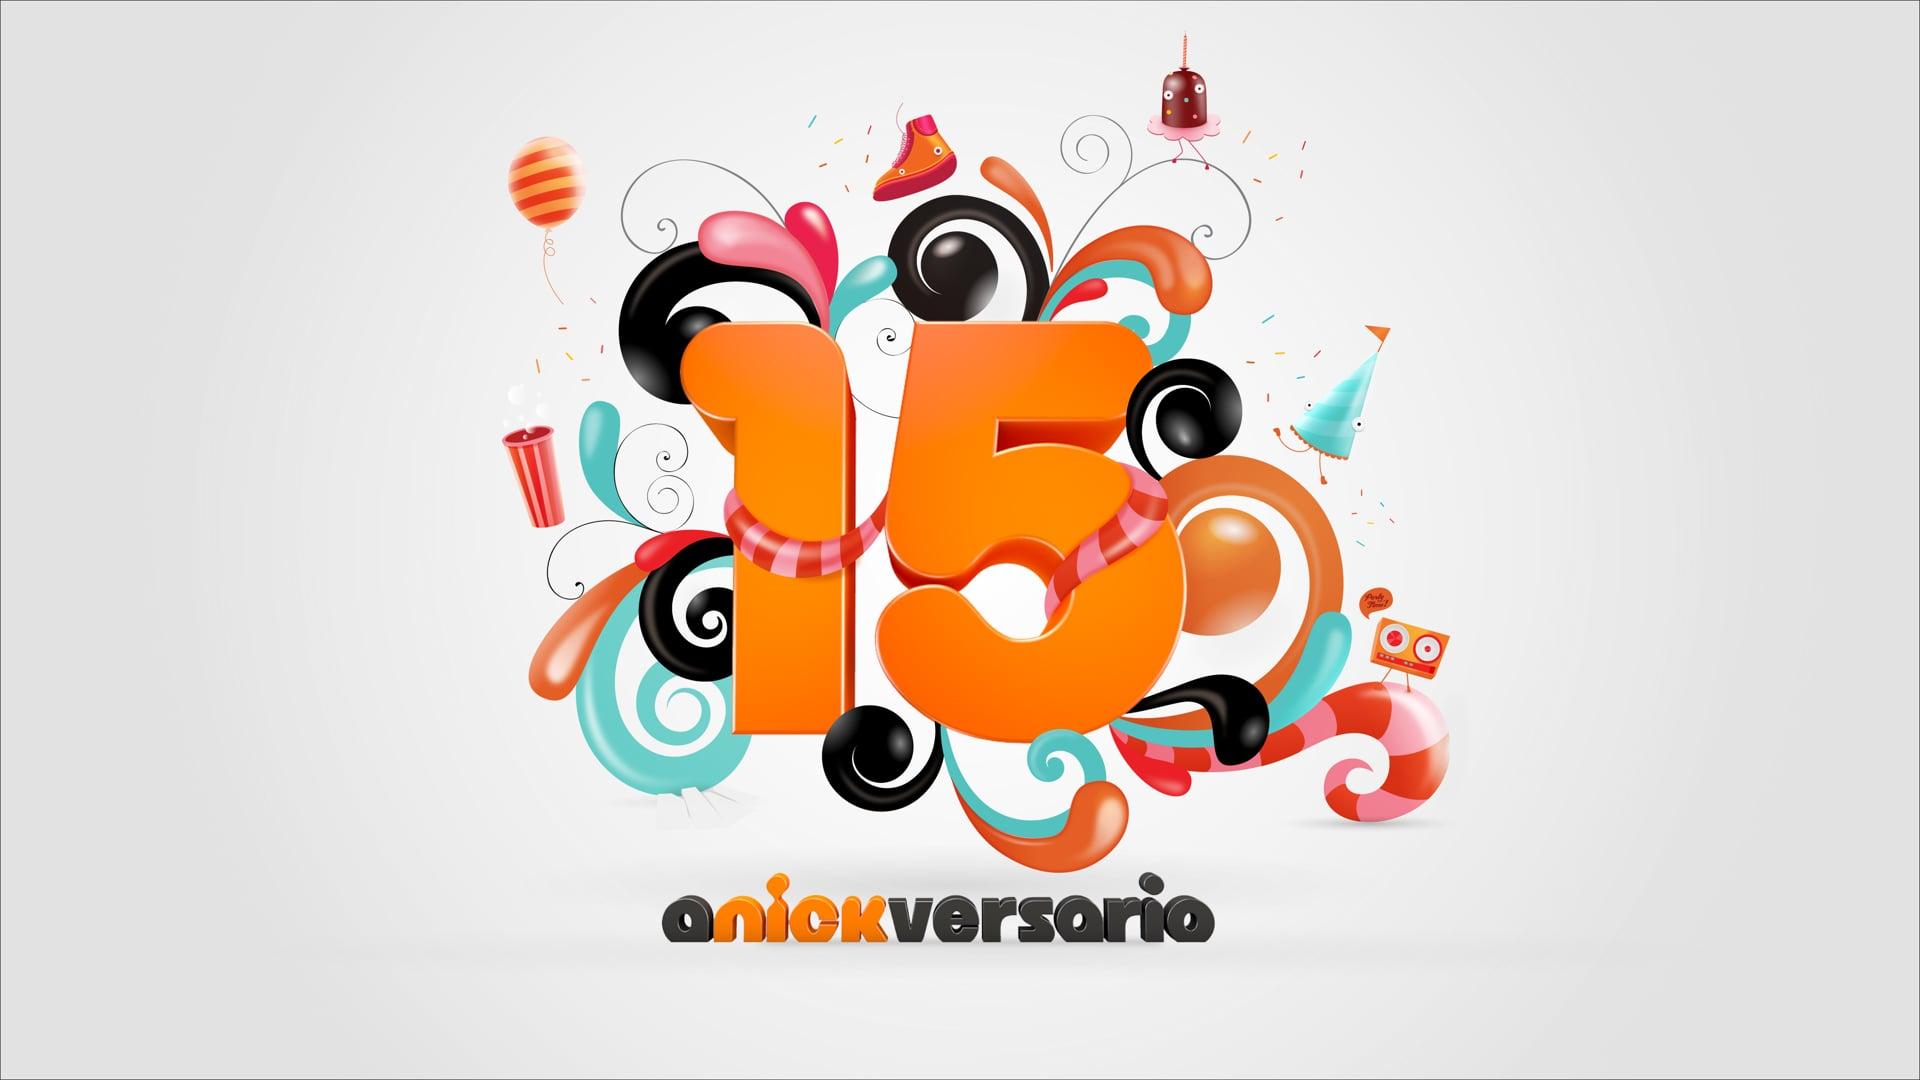 15 Anickversario